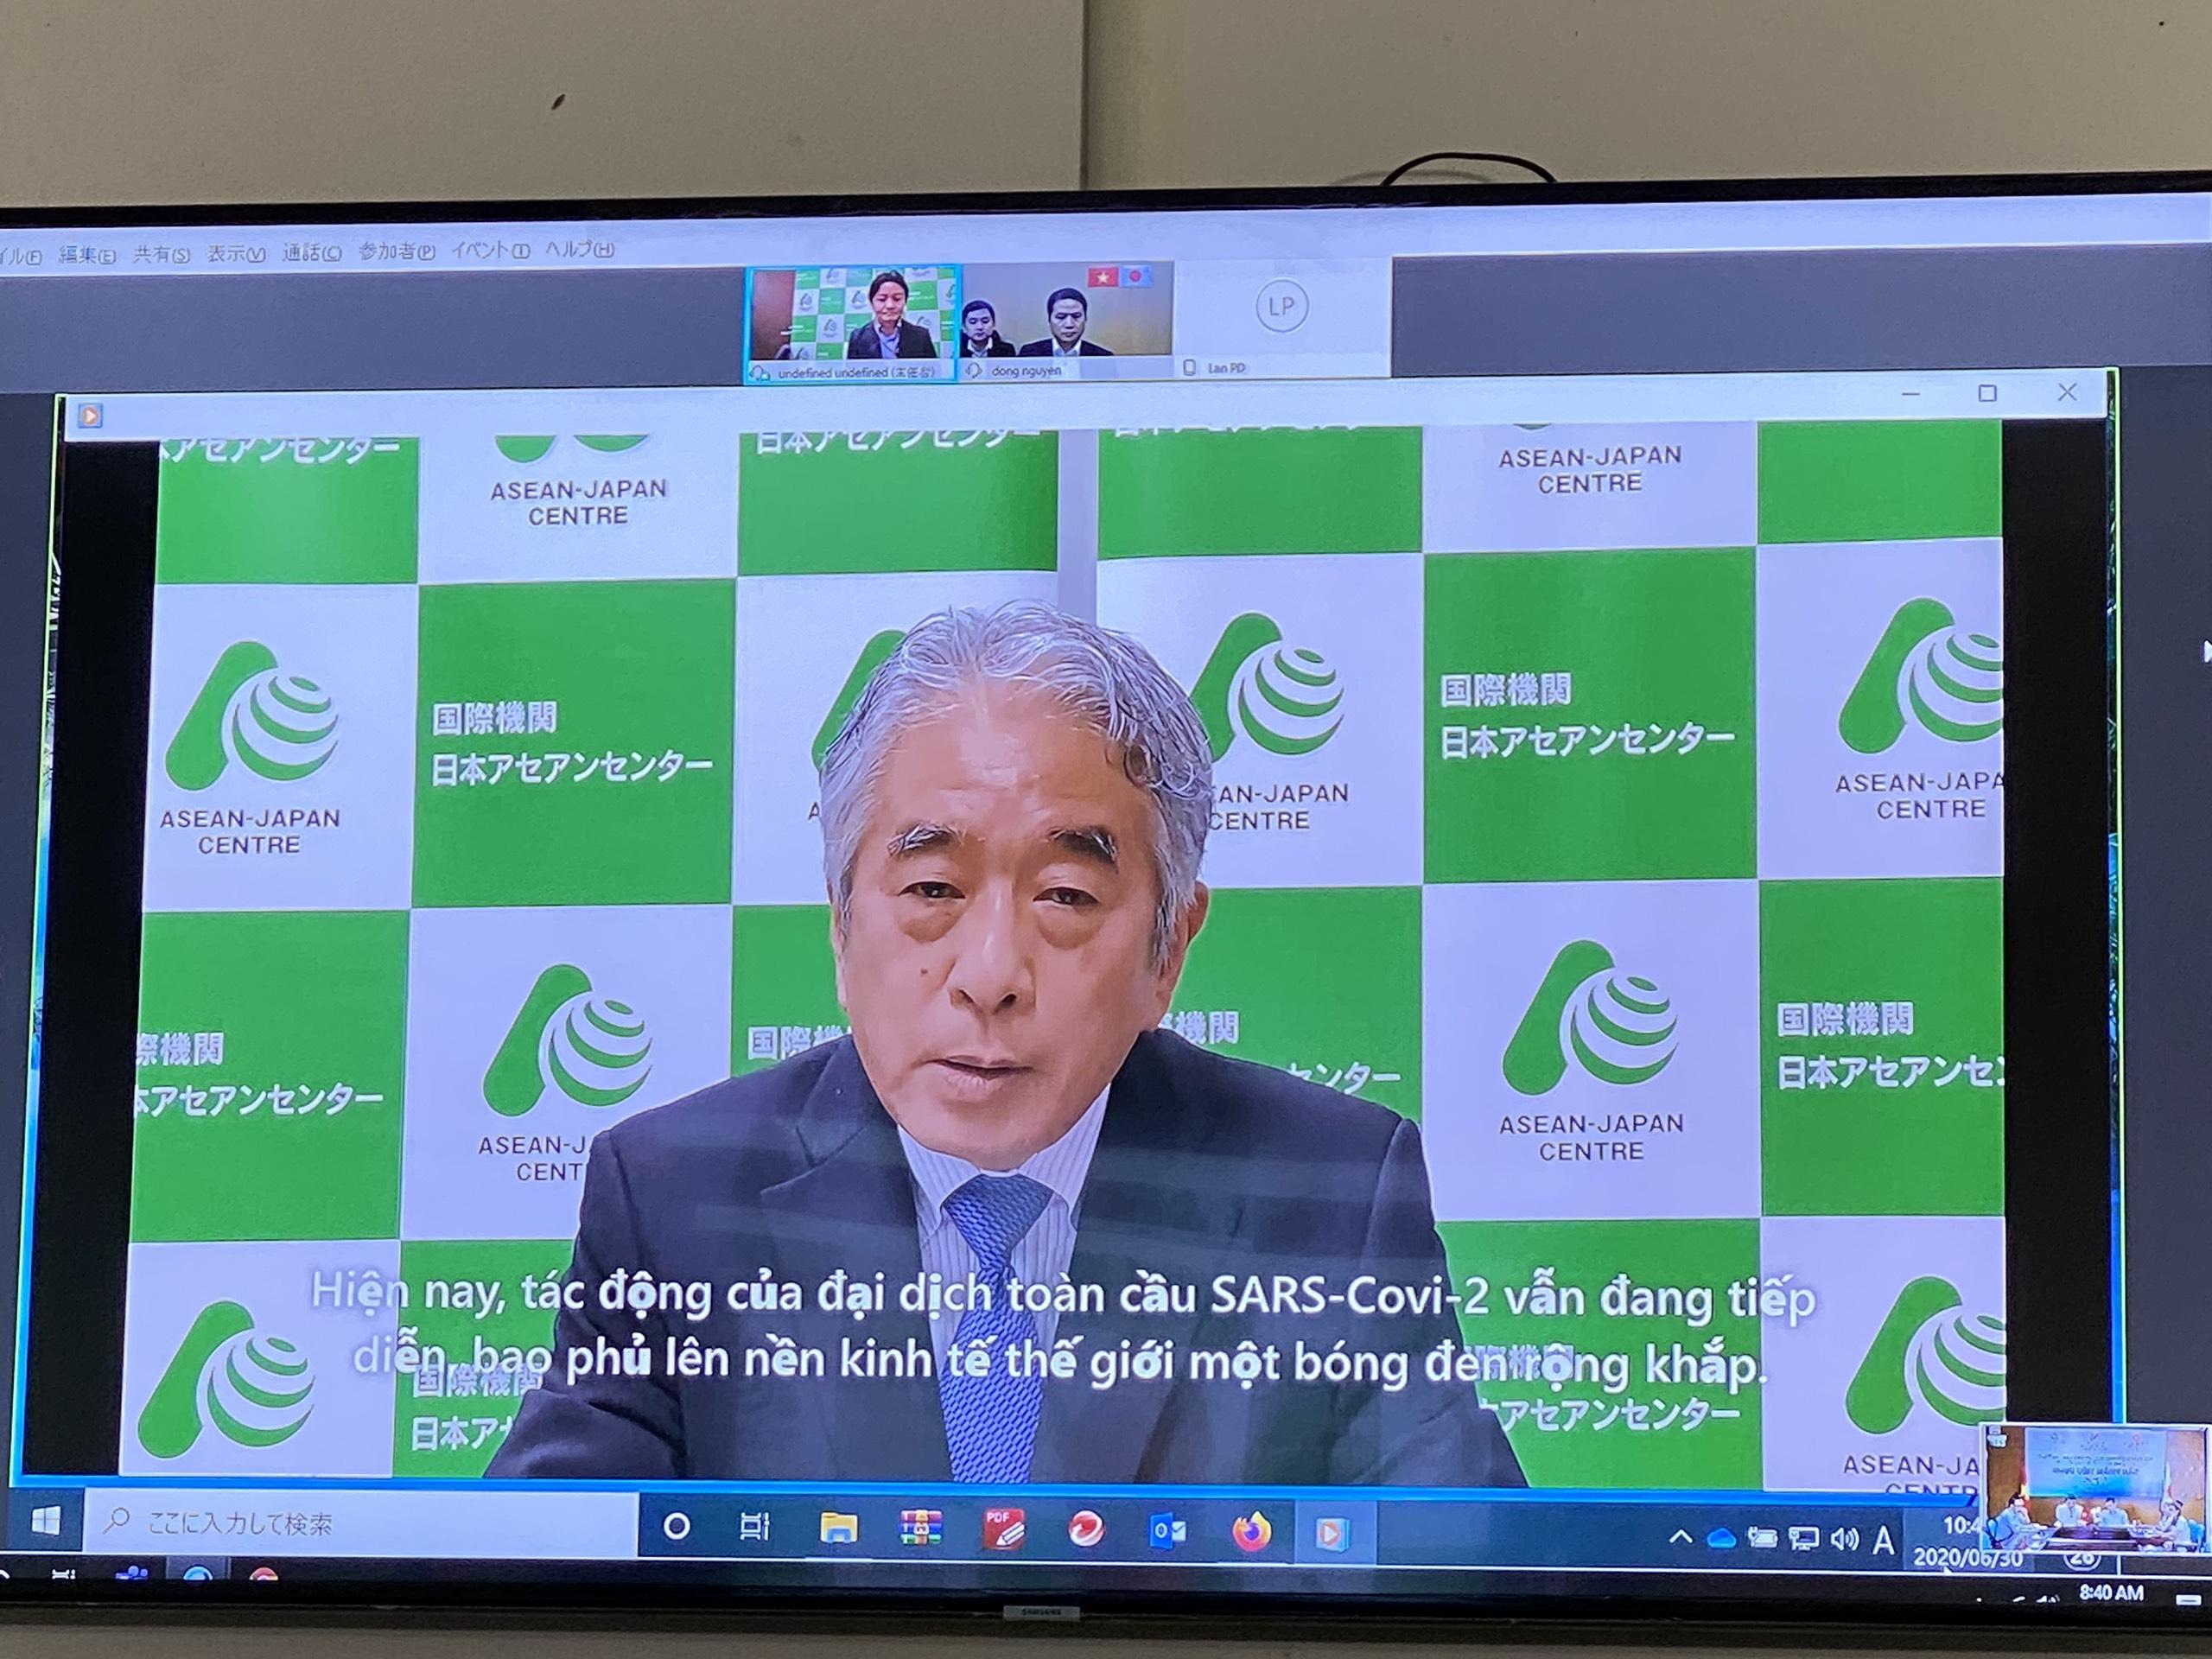 Lần đầu kết nối trực tuyến doanh nghiệp Việt Nam - Nhật Bản trong lĩnh vực hàng tiêu dùng - Ảnh 2.